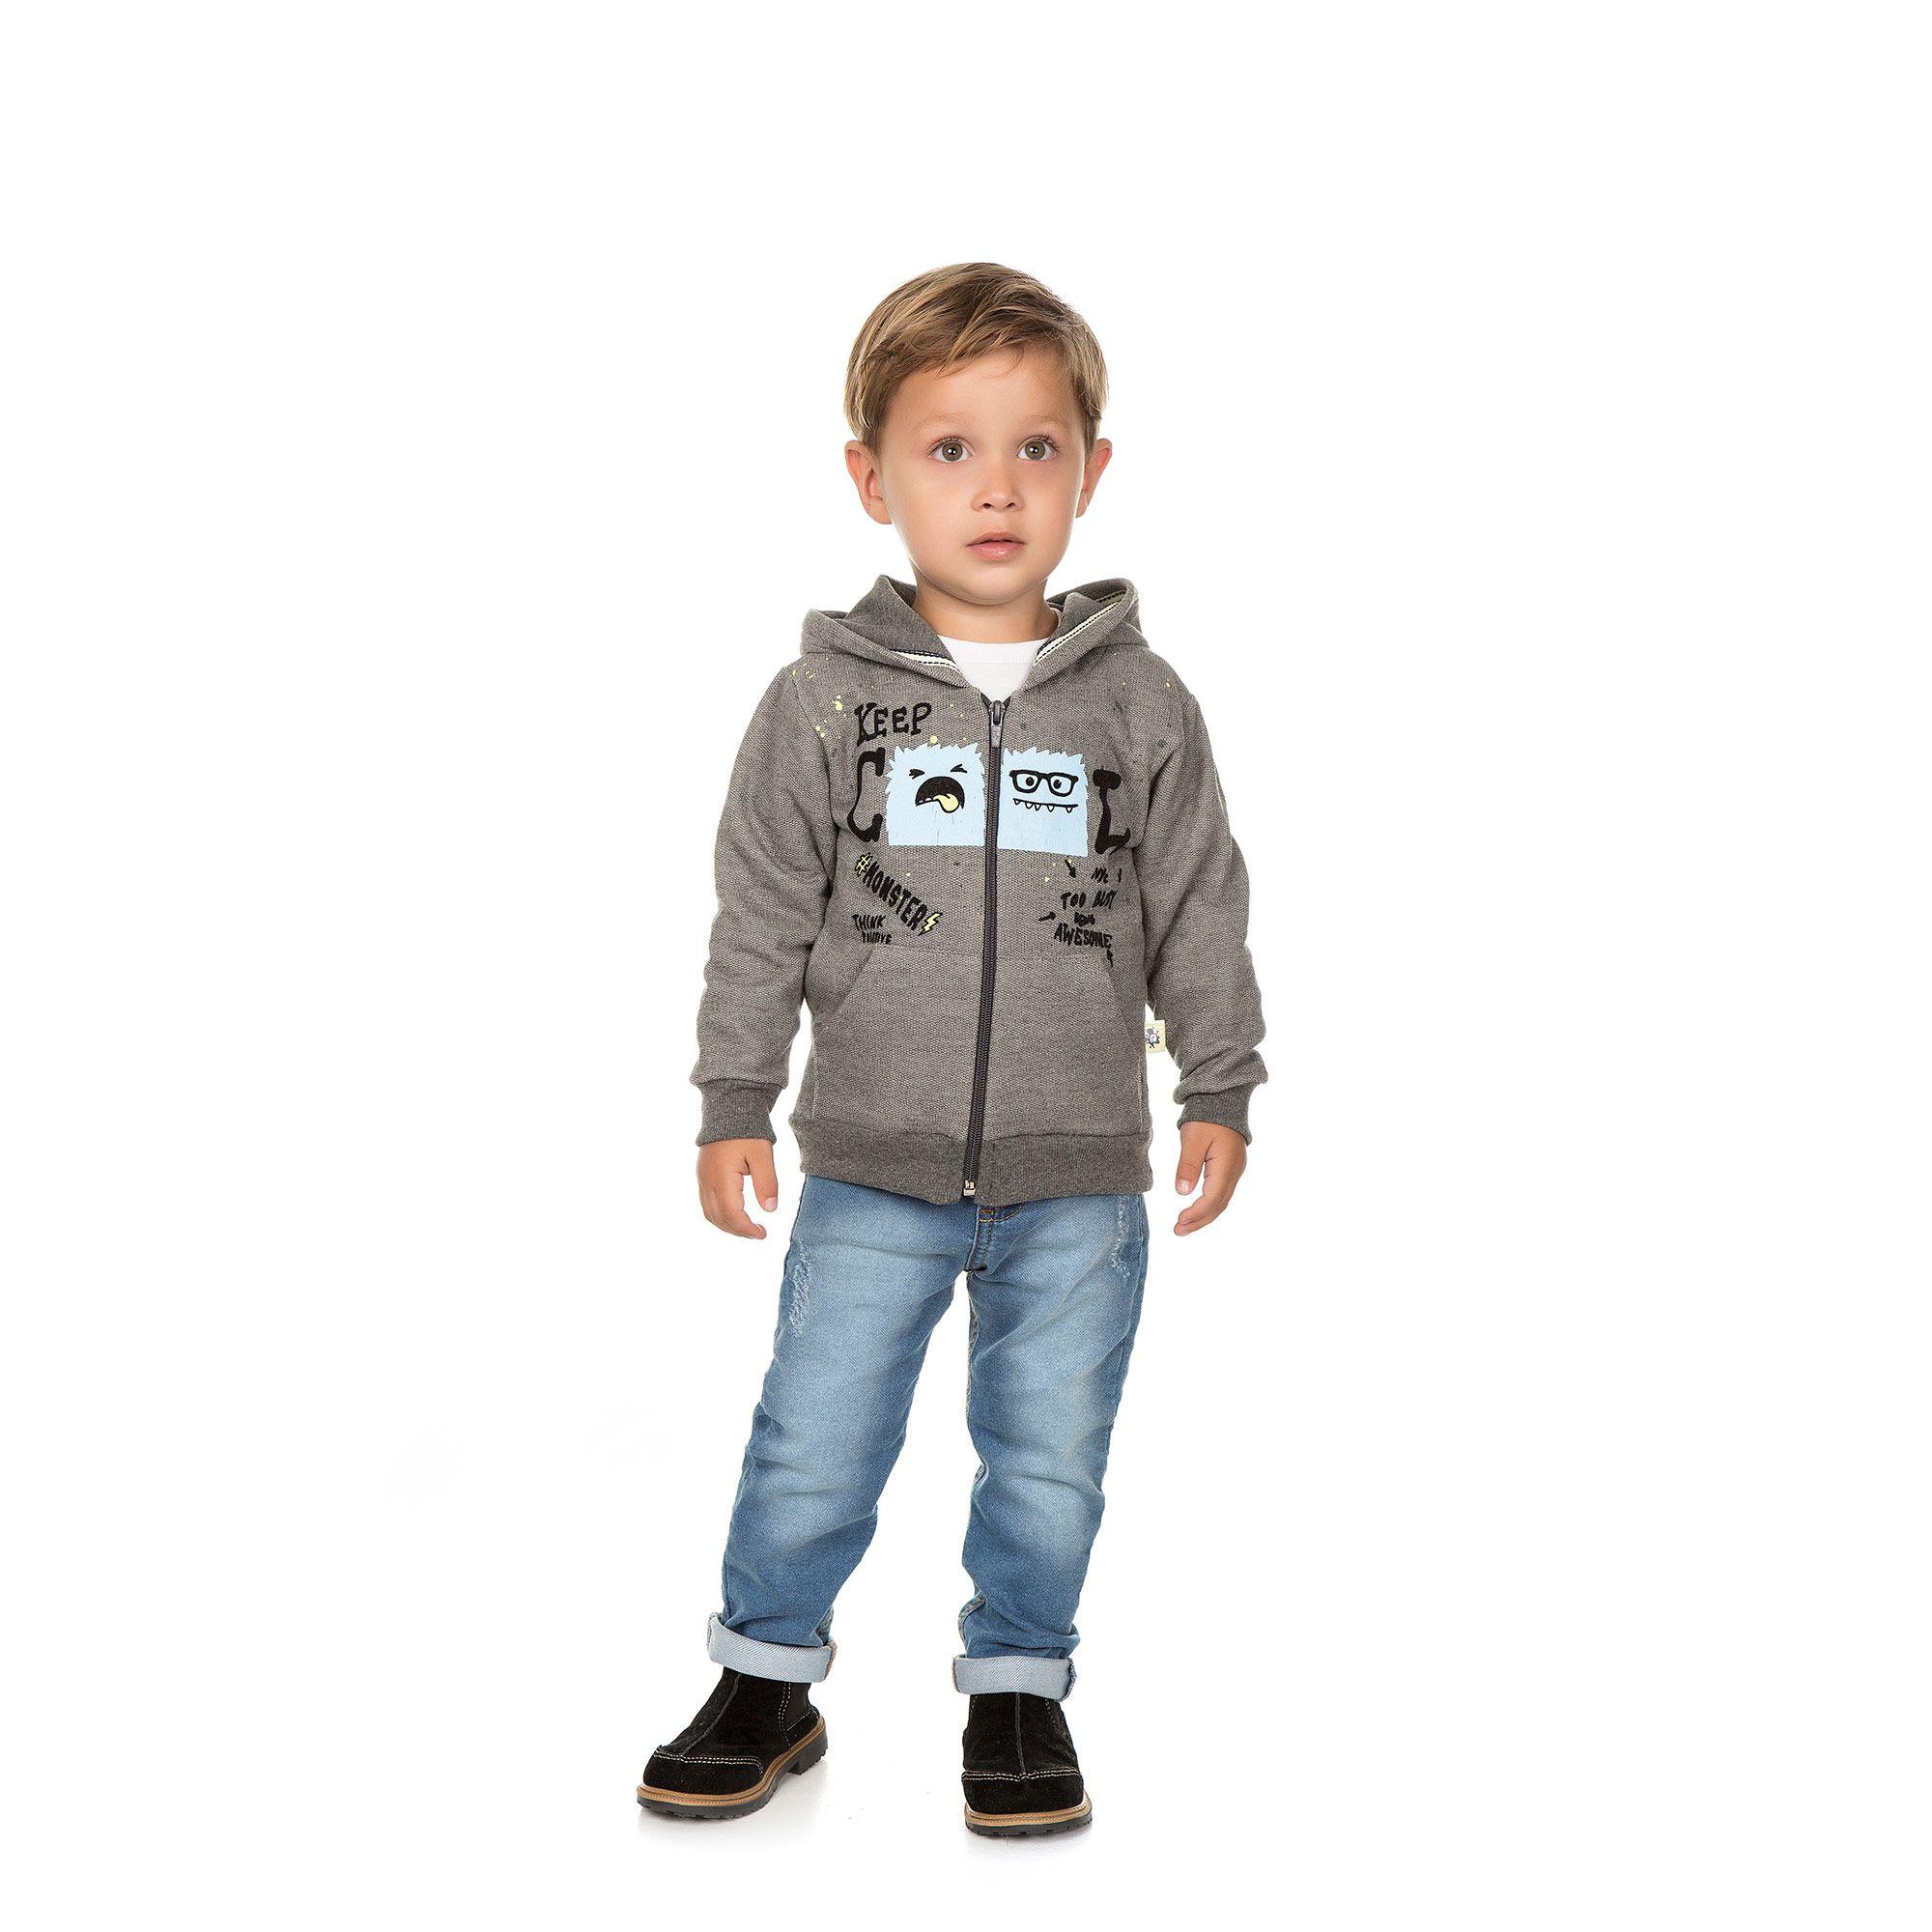 Jaqueta Infantil Masculina    - Ref 4981 - Mescla